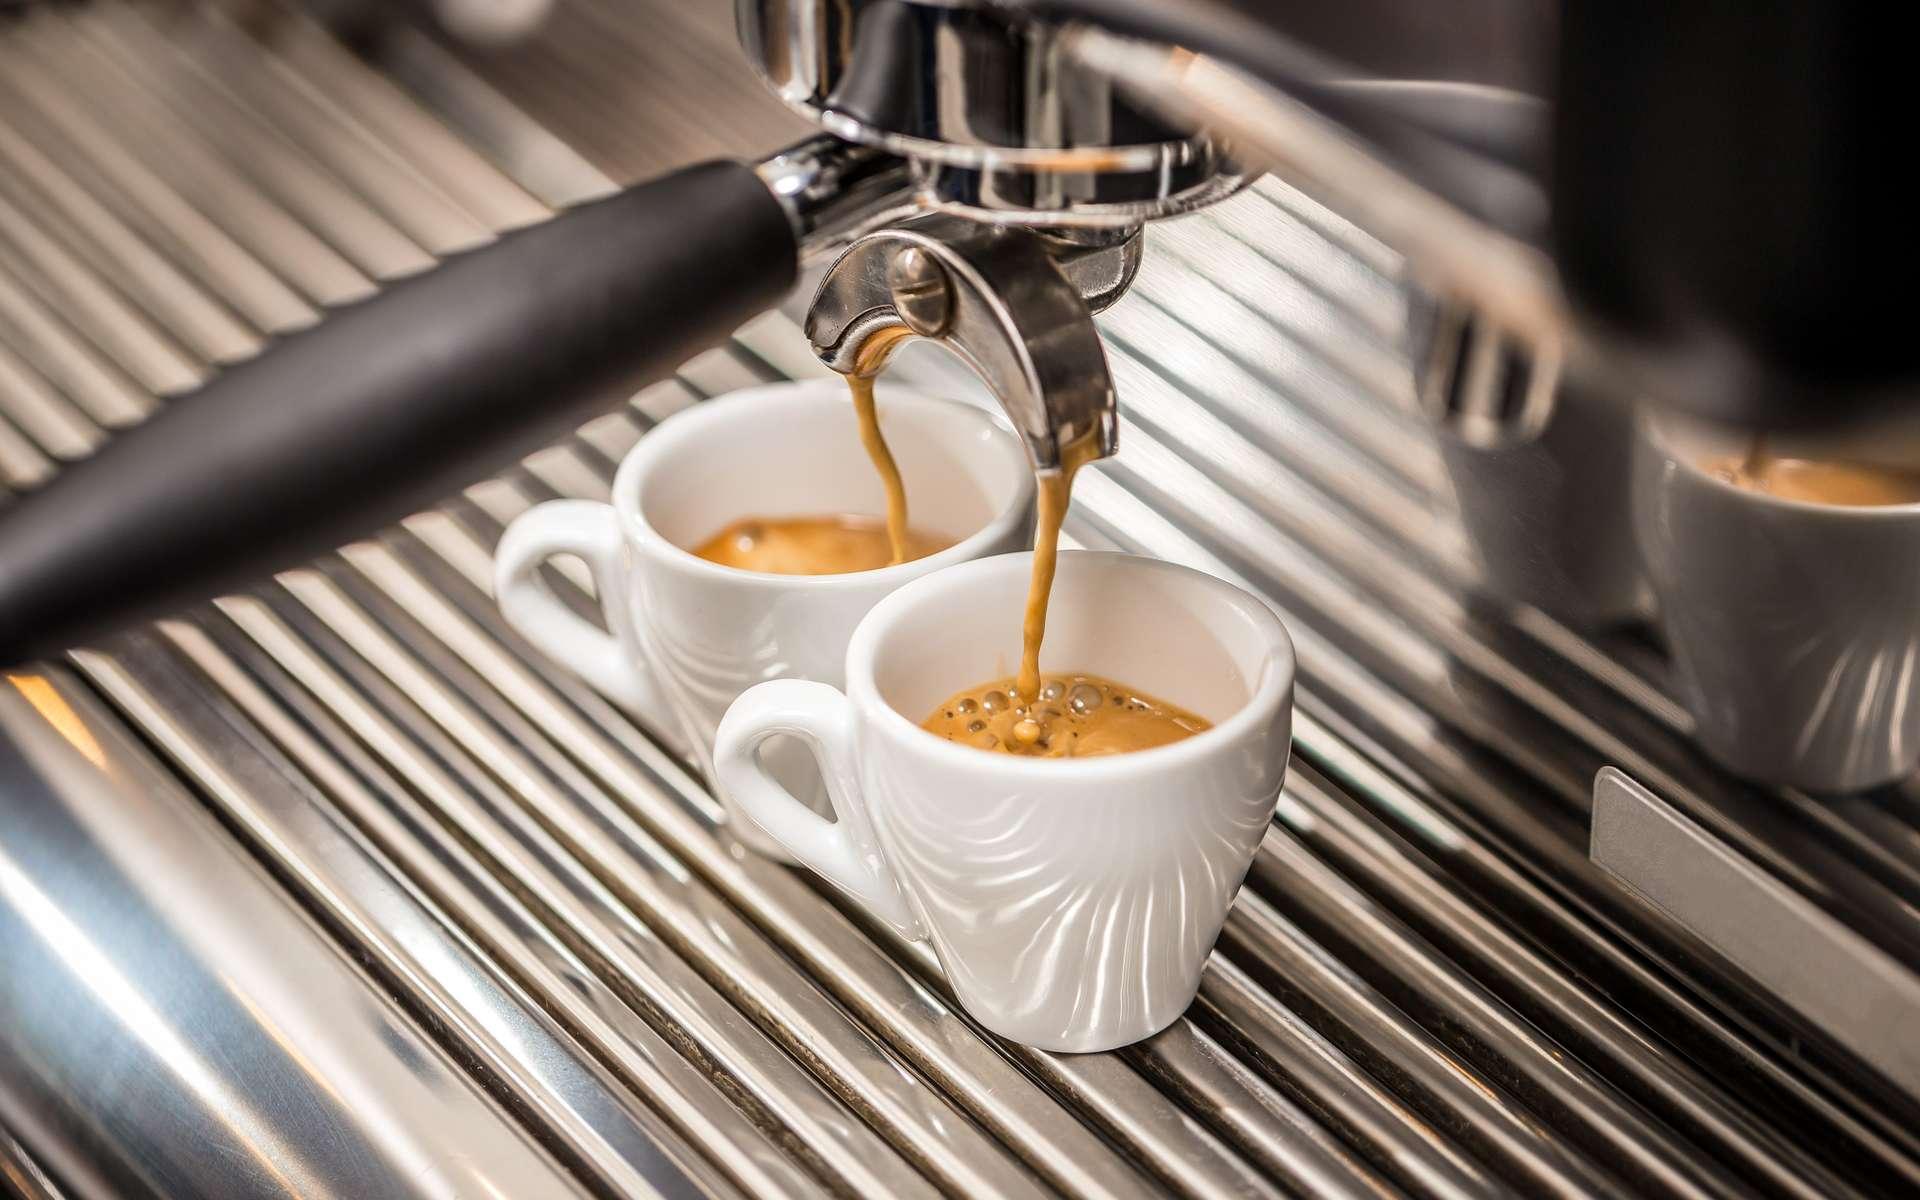 Ce modèle mathématique permet de concilier qualité, durabilité et économie pour le secteur du café. © GrafVision, Adobe Stock